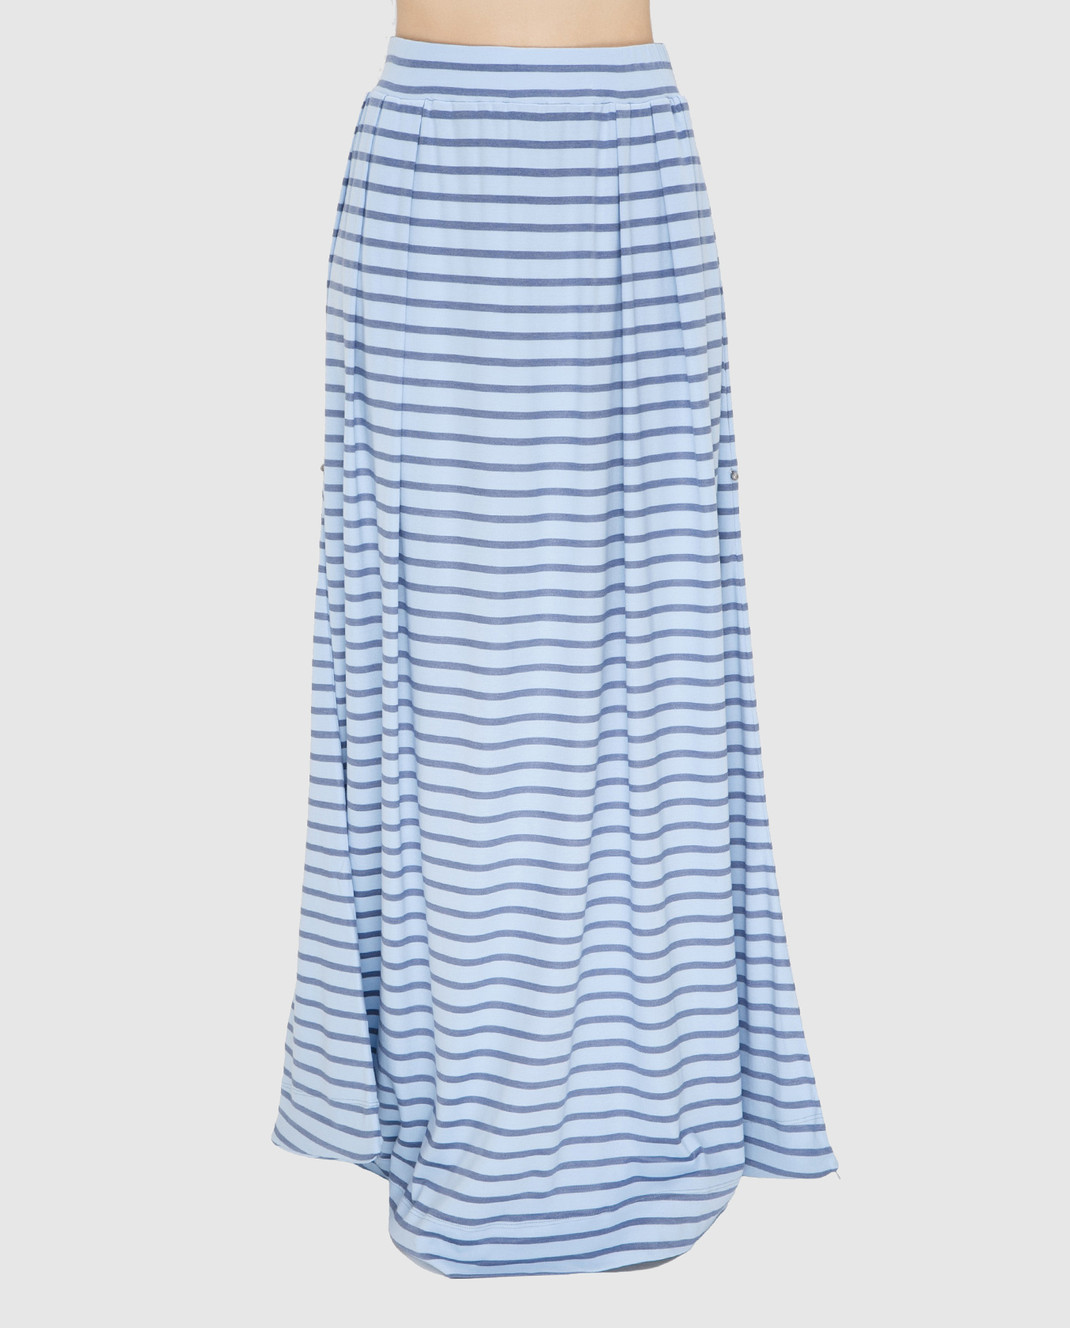 Ereda Голубая юбка 241498L изображение 4